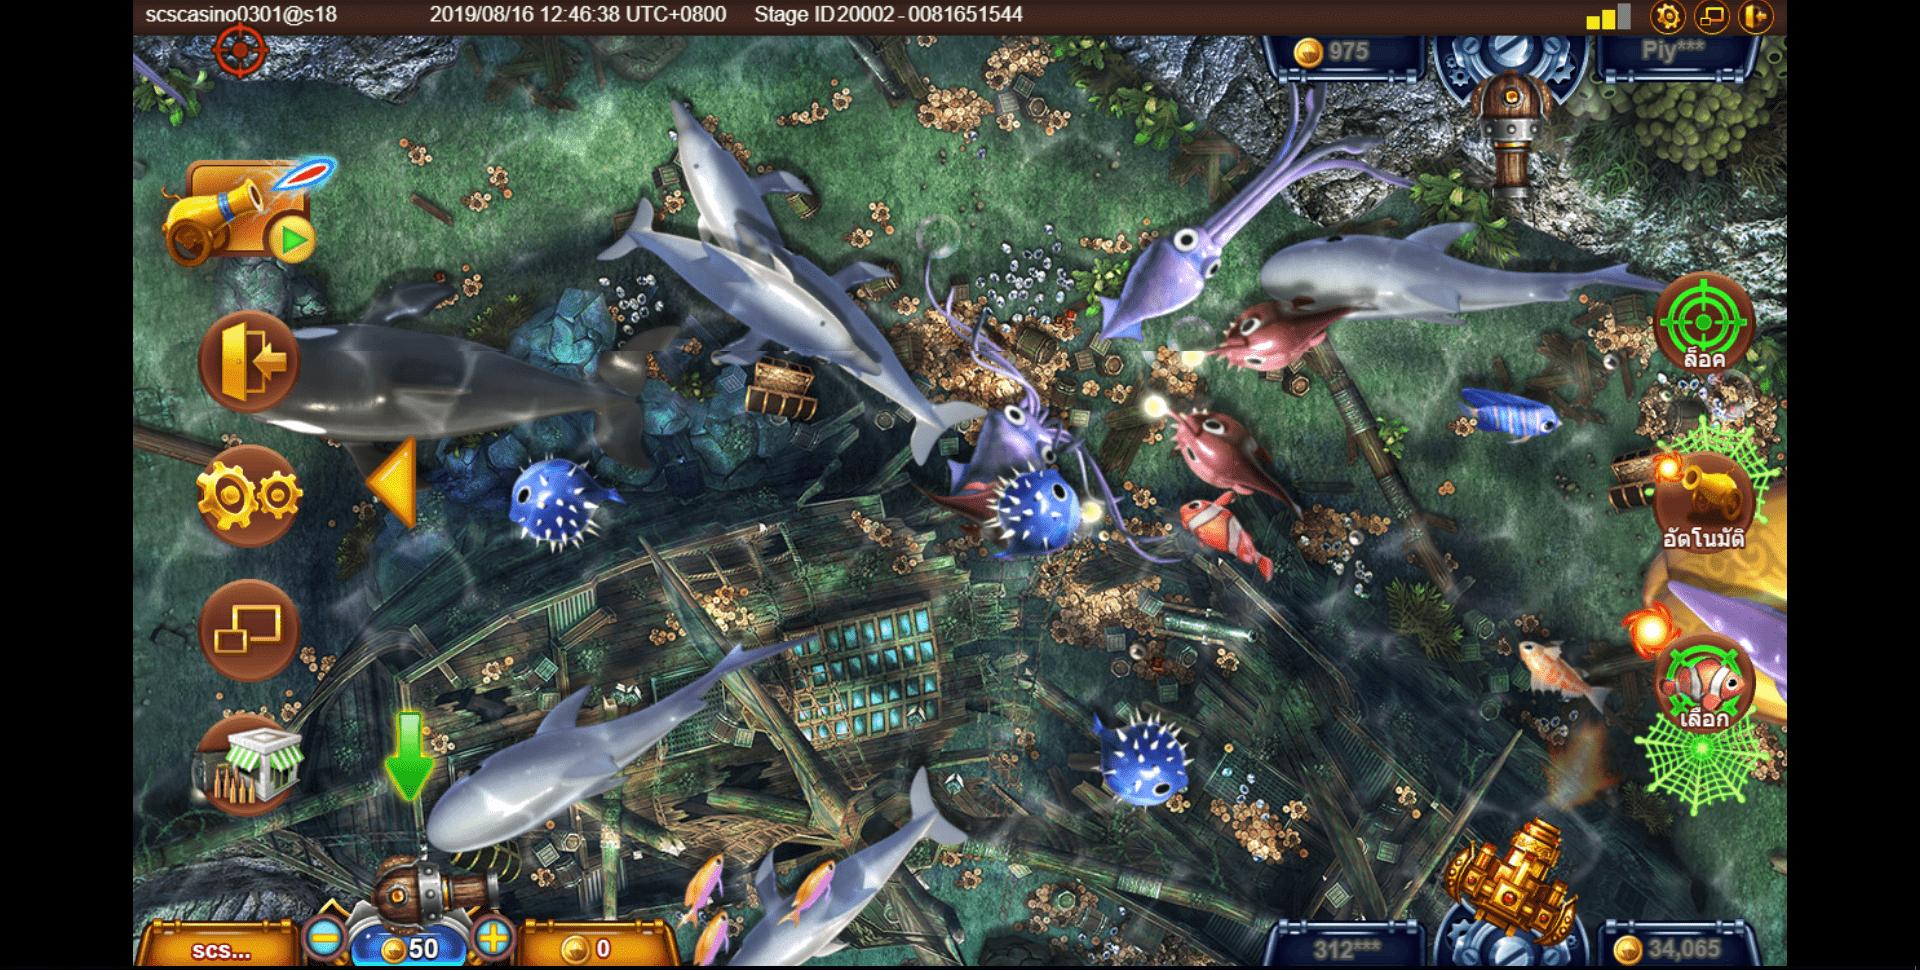 หน้าเกมส์ยิงปลา FISHERMEN GOLD sa gaming ระดับมือสมัครเล่น